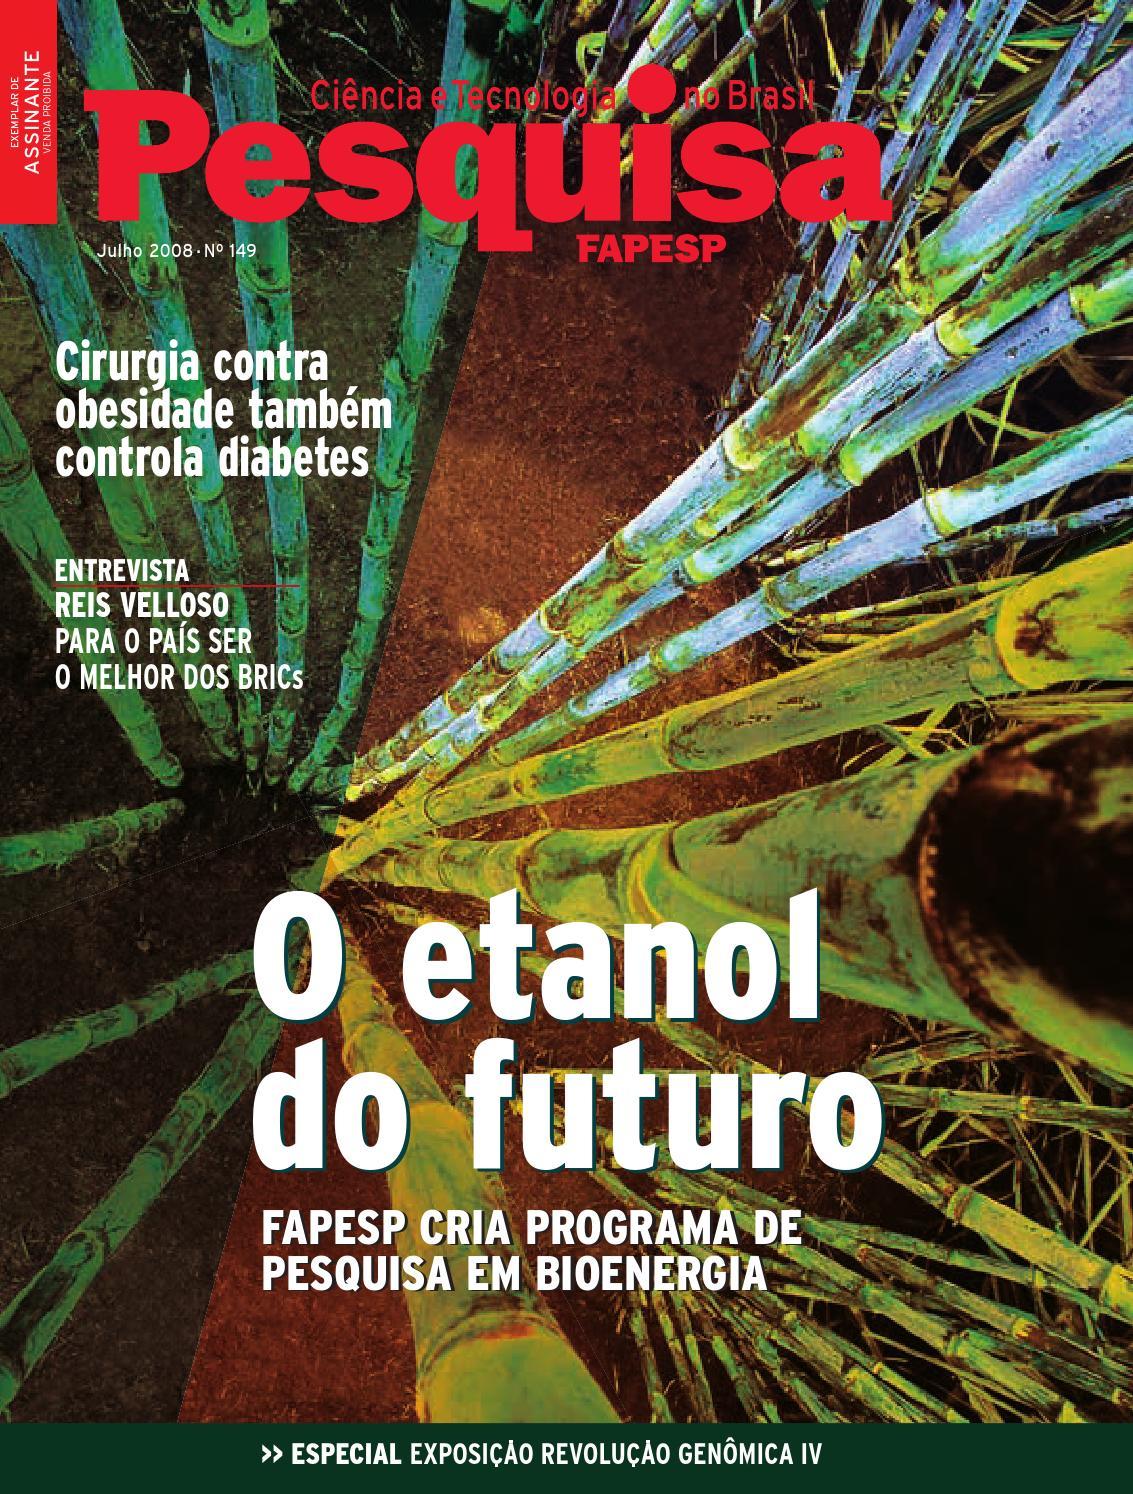 69e430a282d35 O etanol do futuro by Pesquisa Fapesp - issuu